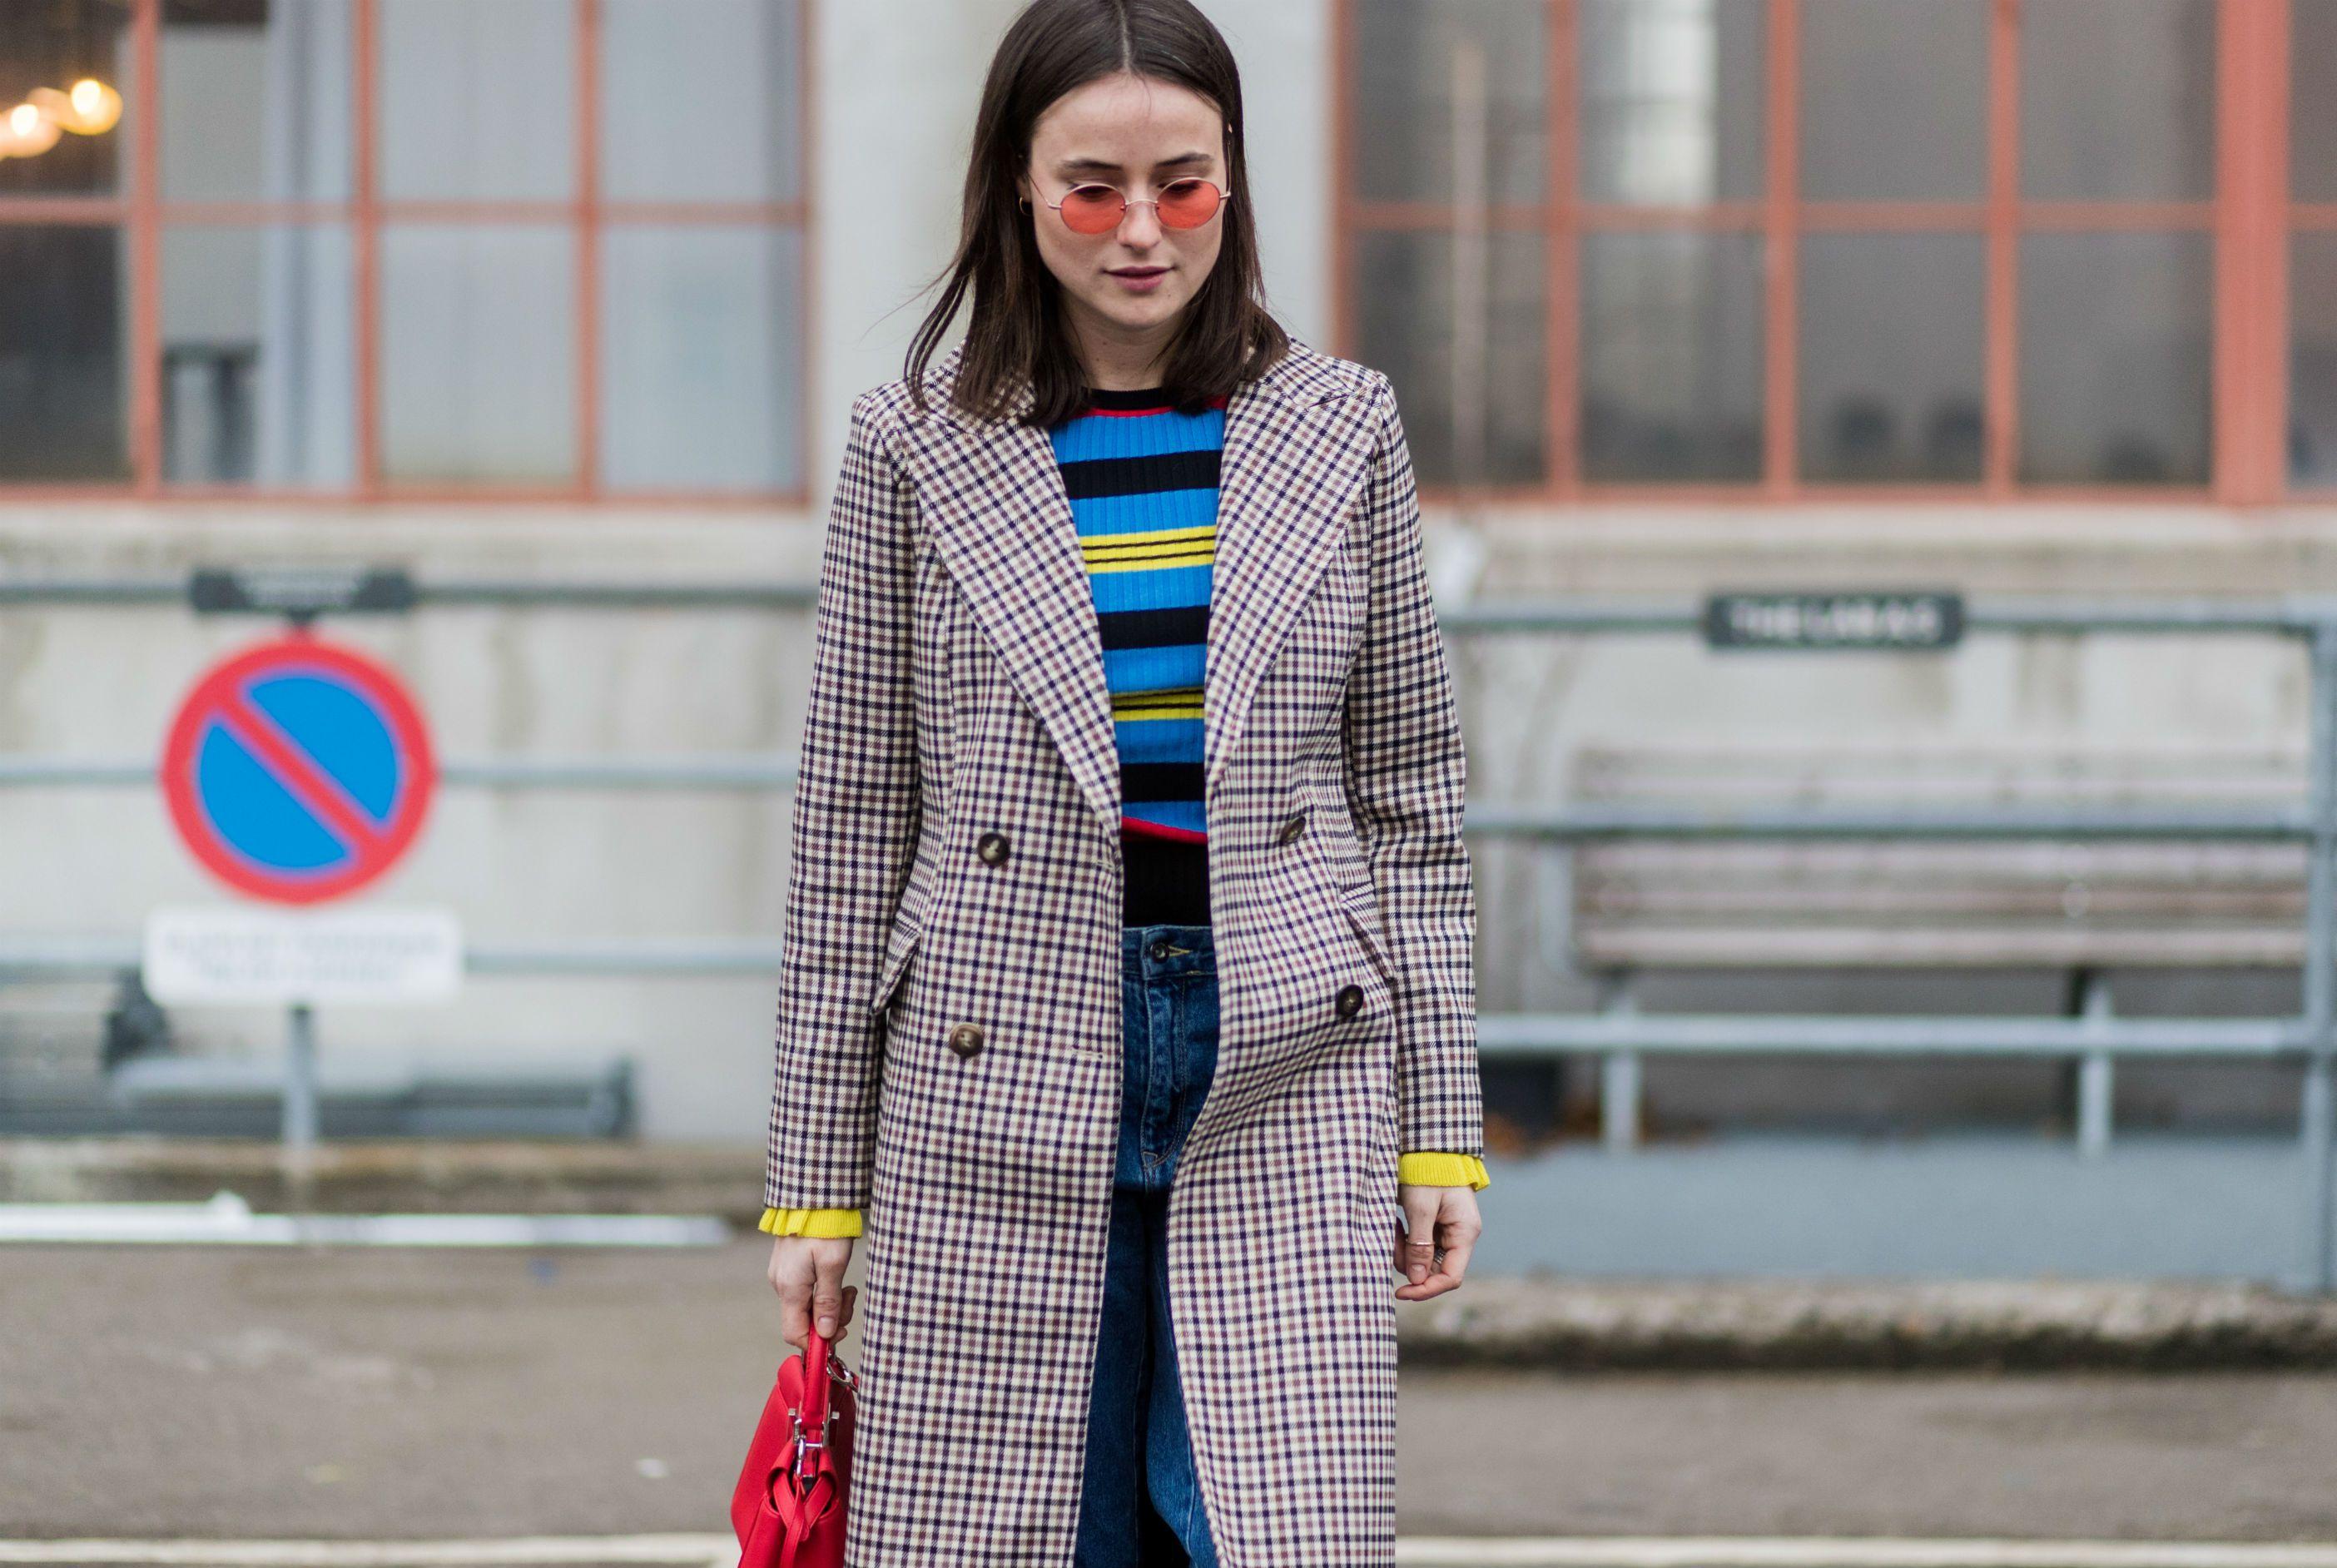 Street Style Fashion: 10 Ways to Wear Denim and Stripes